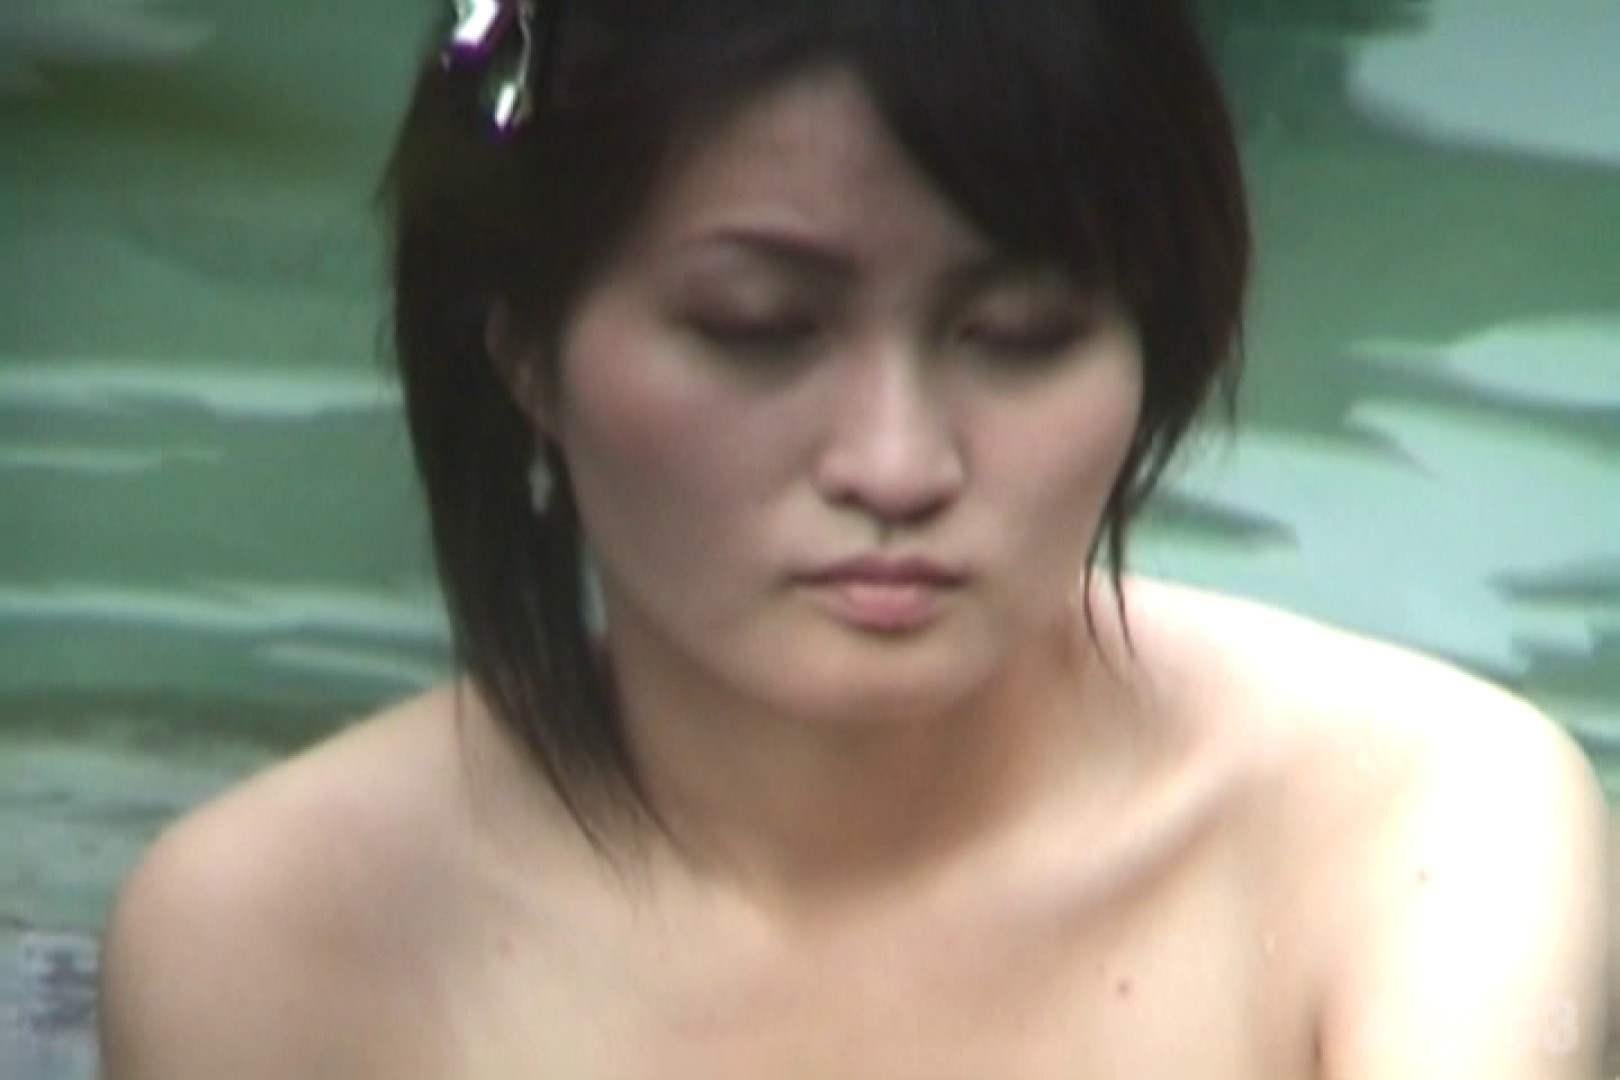 Aquaな露天風呂Vol.727 露天 えろ無修正画像 110PICs 71